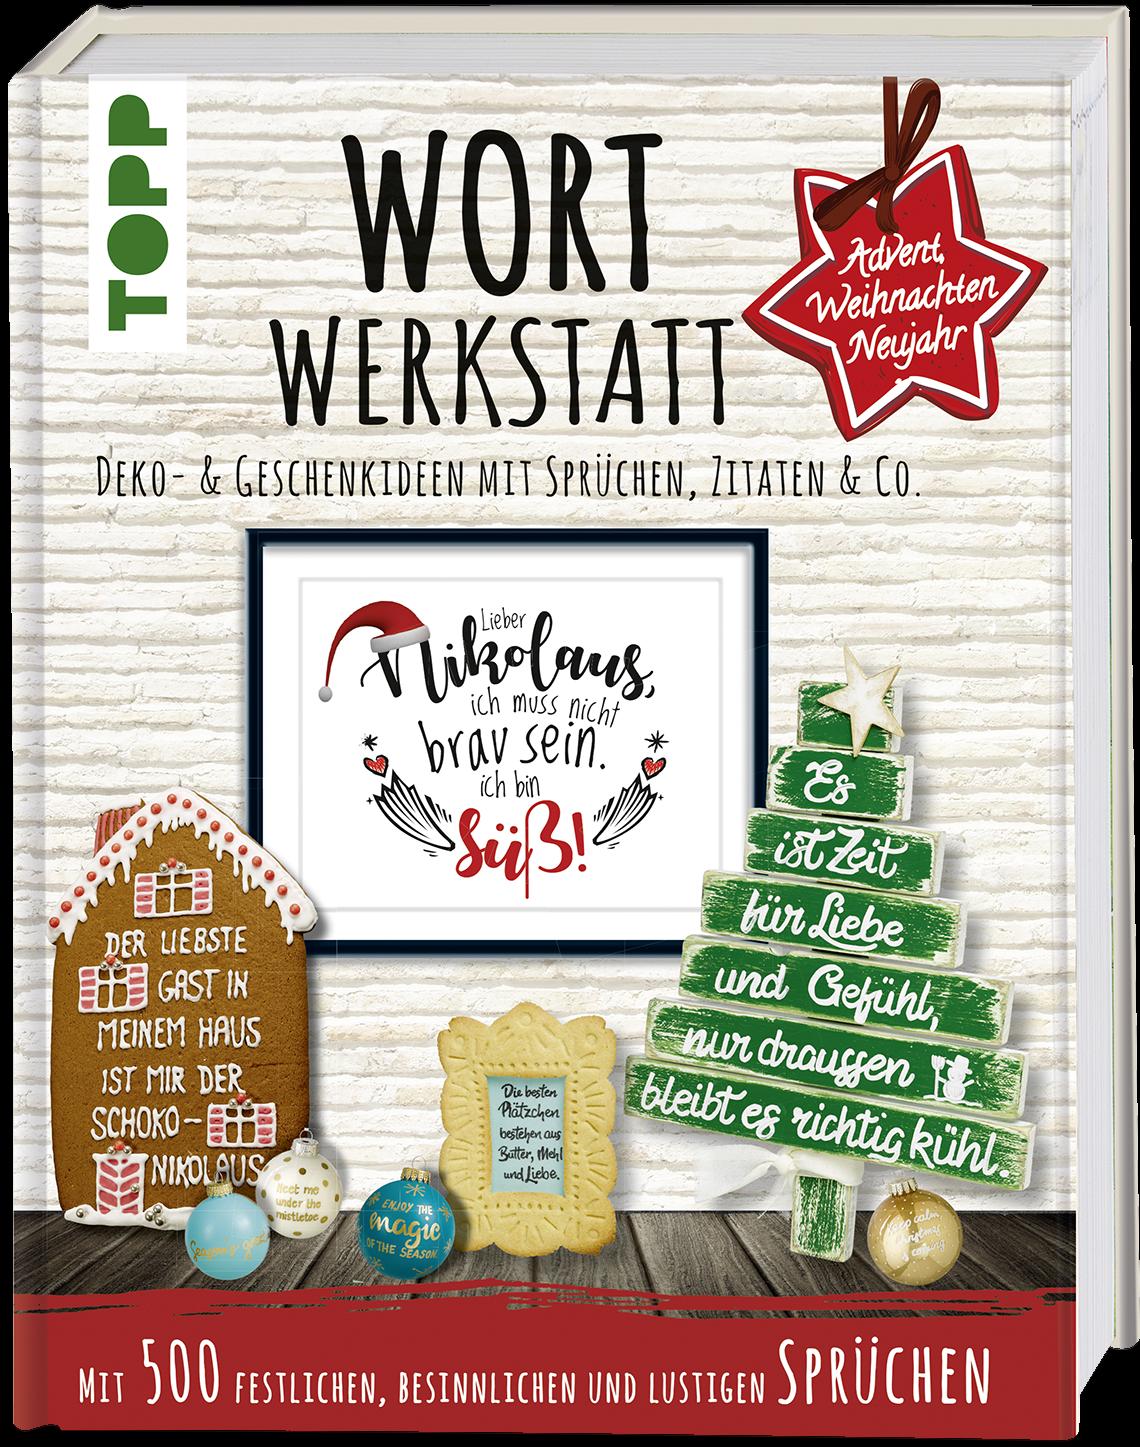 Wortwerkstatt - Advent, Weihnachten & Neujahr | Buch von TOPP